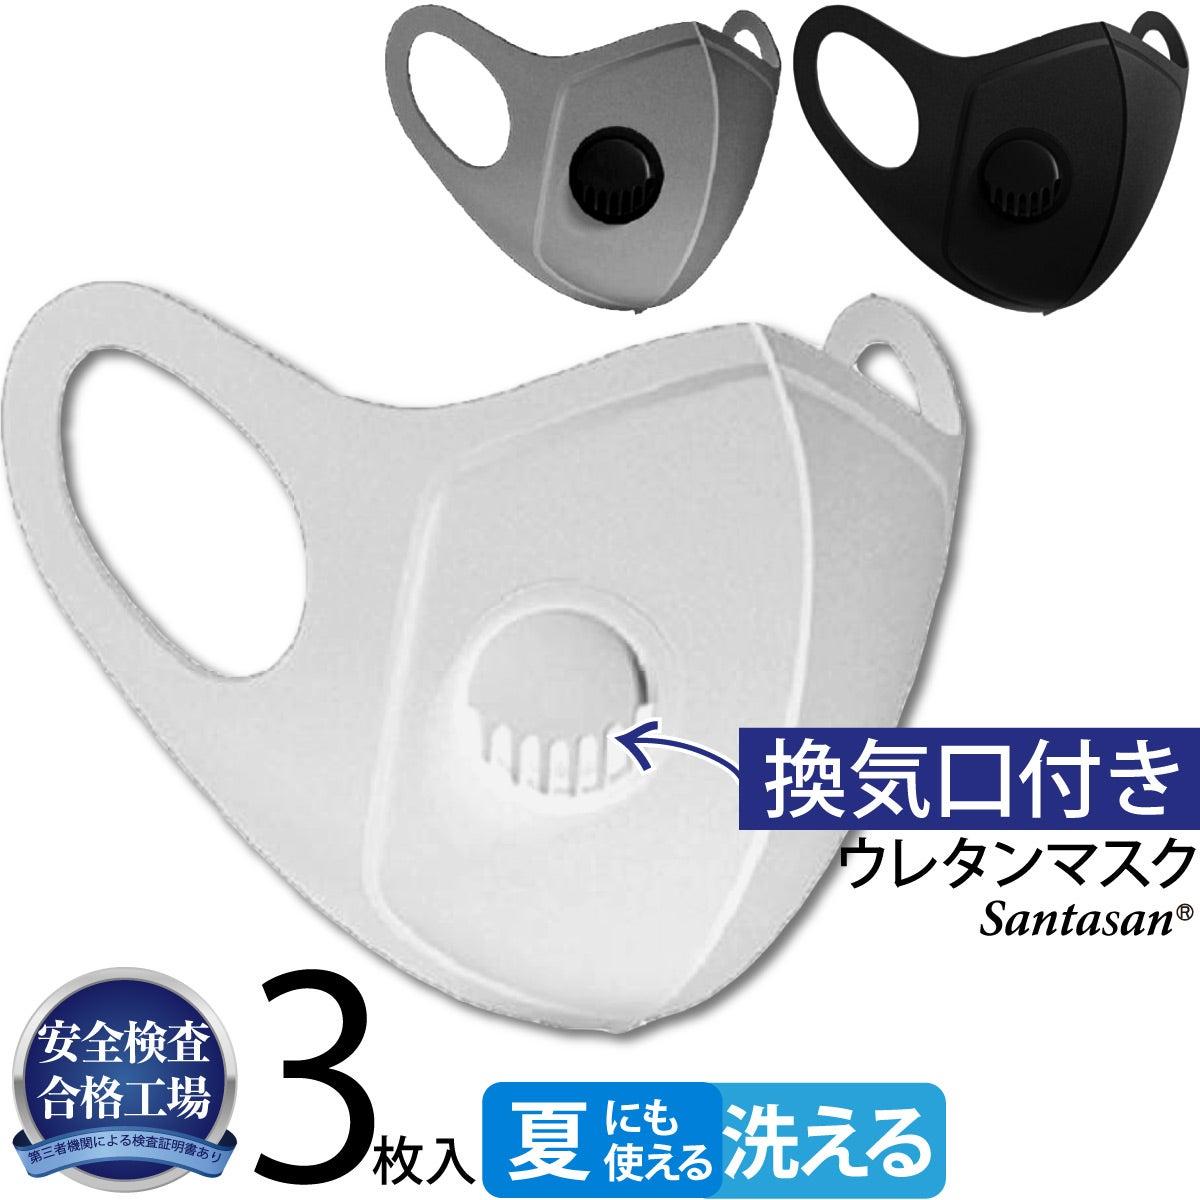 通気 口 マスク